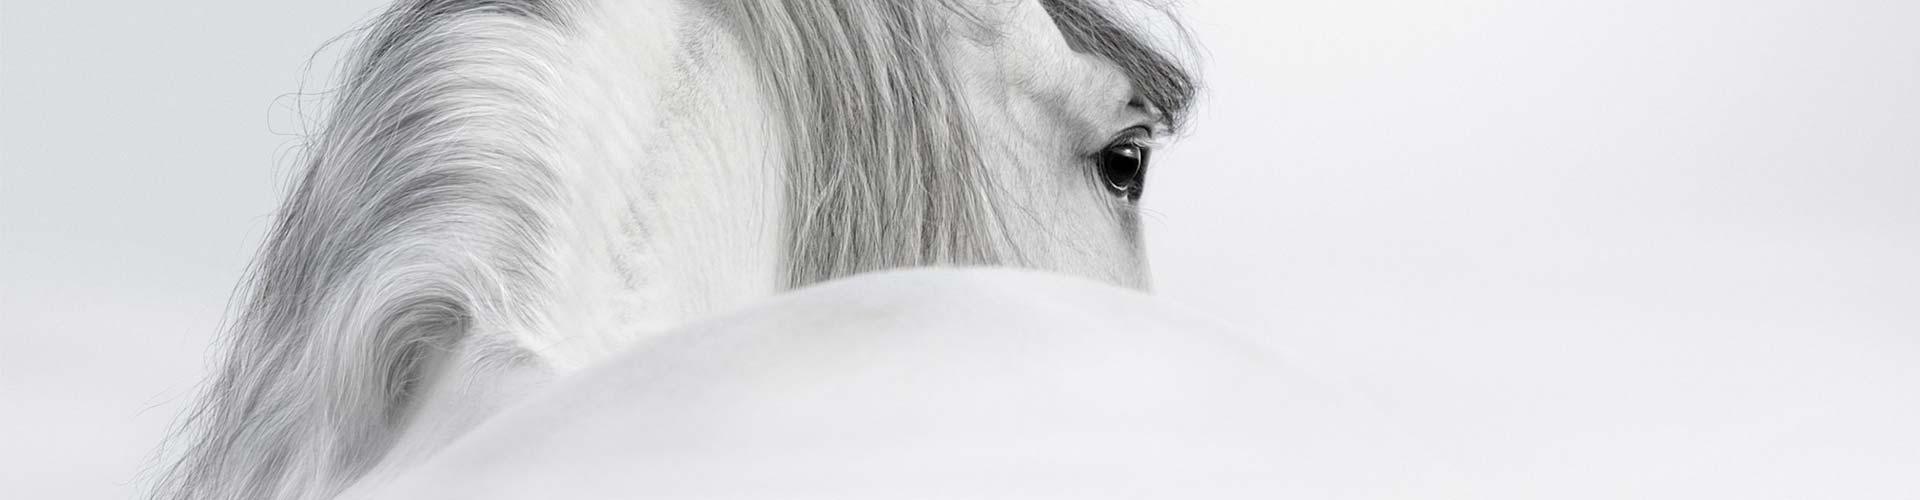 banner-paard